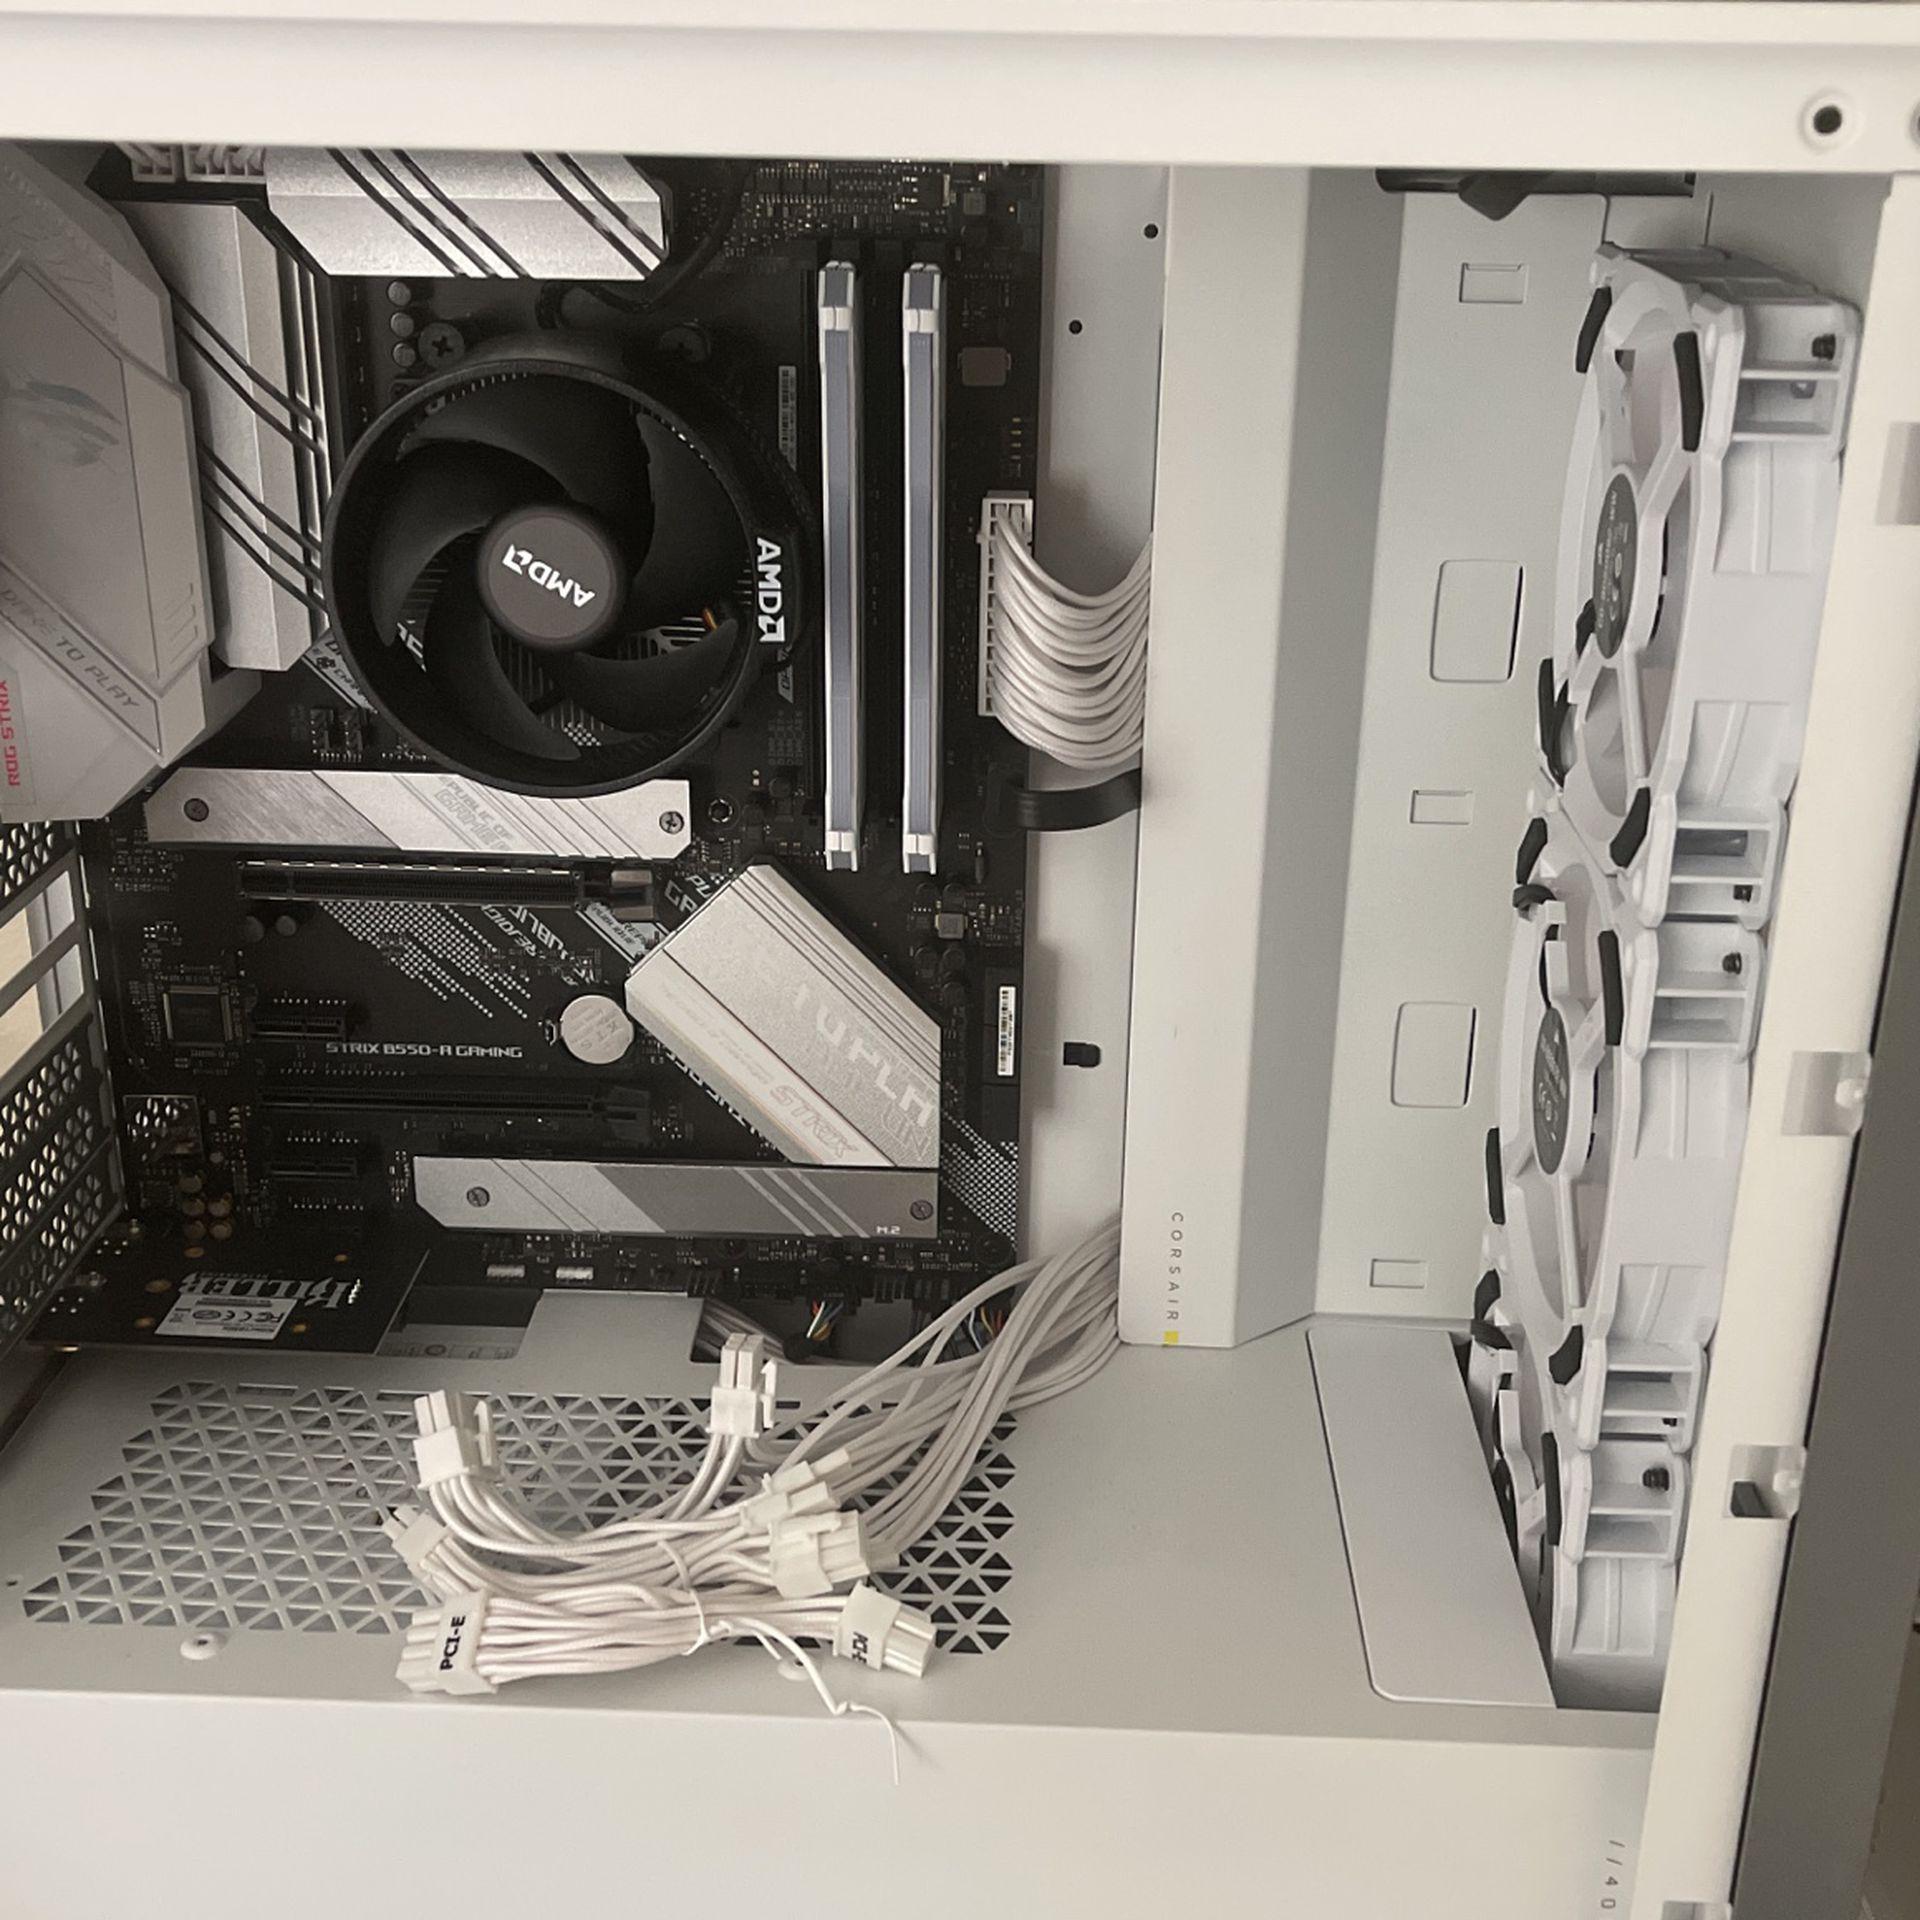 RTX 3080 Gaming PC: Ryzen 5600X, BNIB Gigabyte 3080